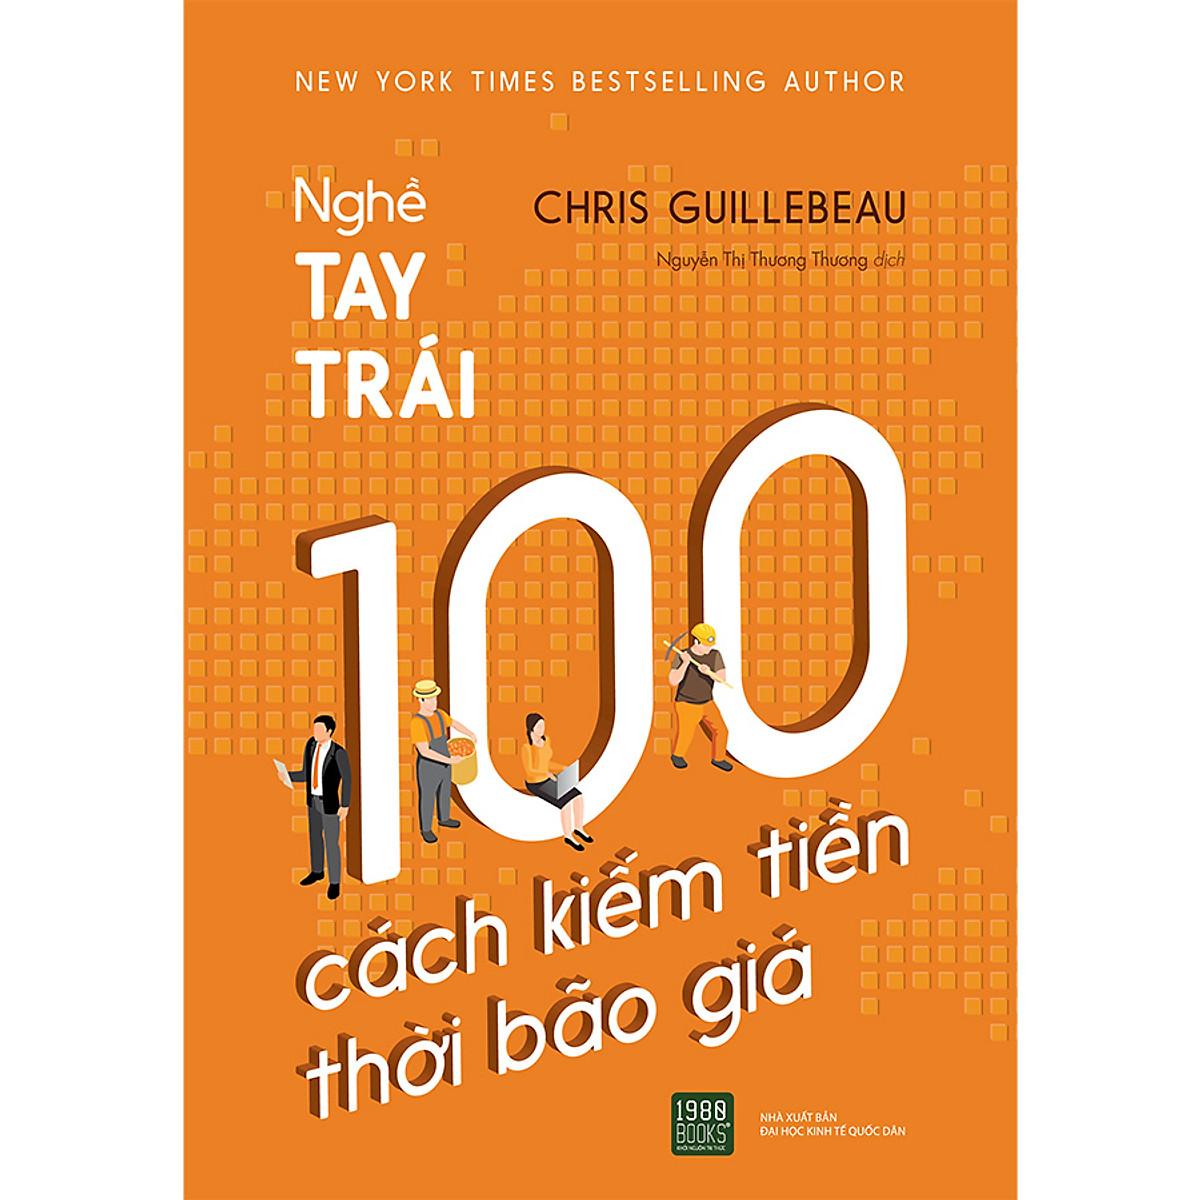 Nghề Tay Trái : 100 Cách Kiếm Tiền Thời Bão Giá | Tiki.vn